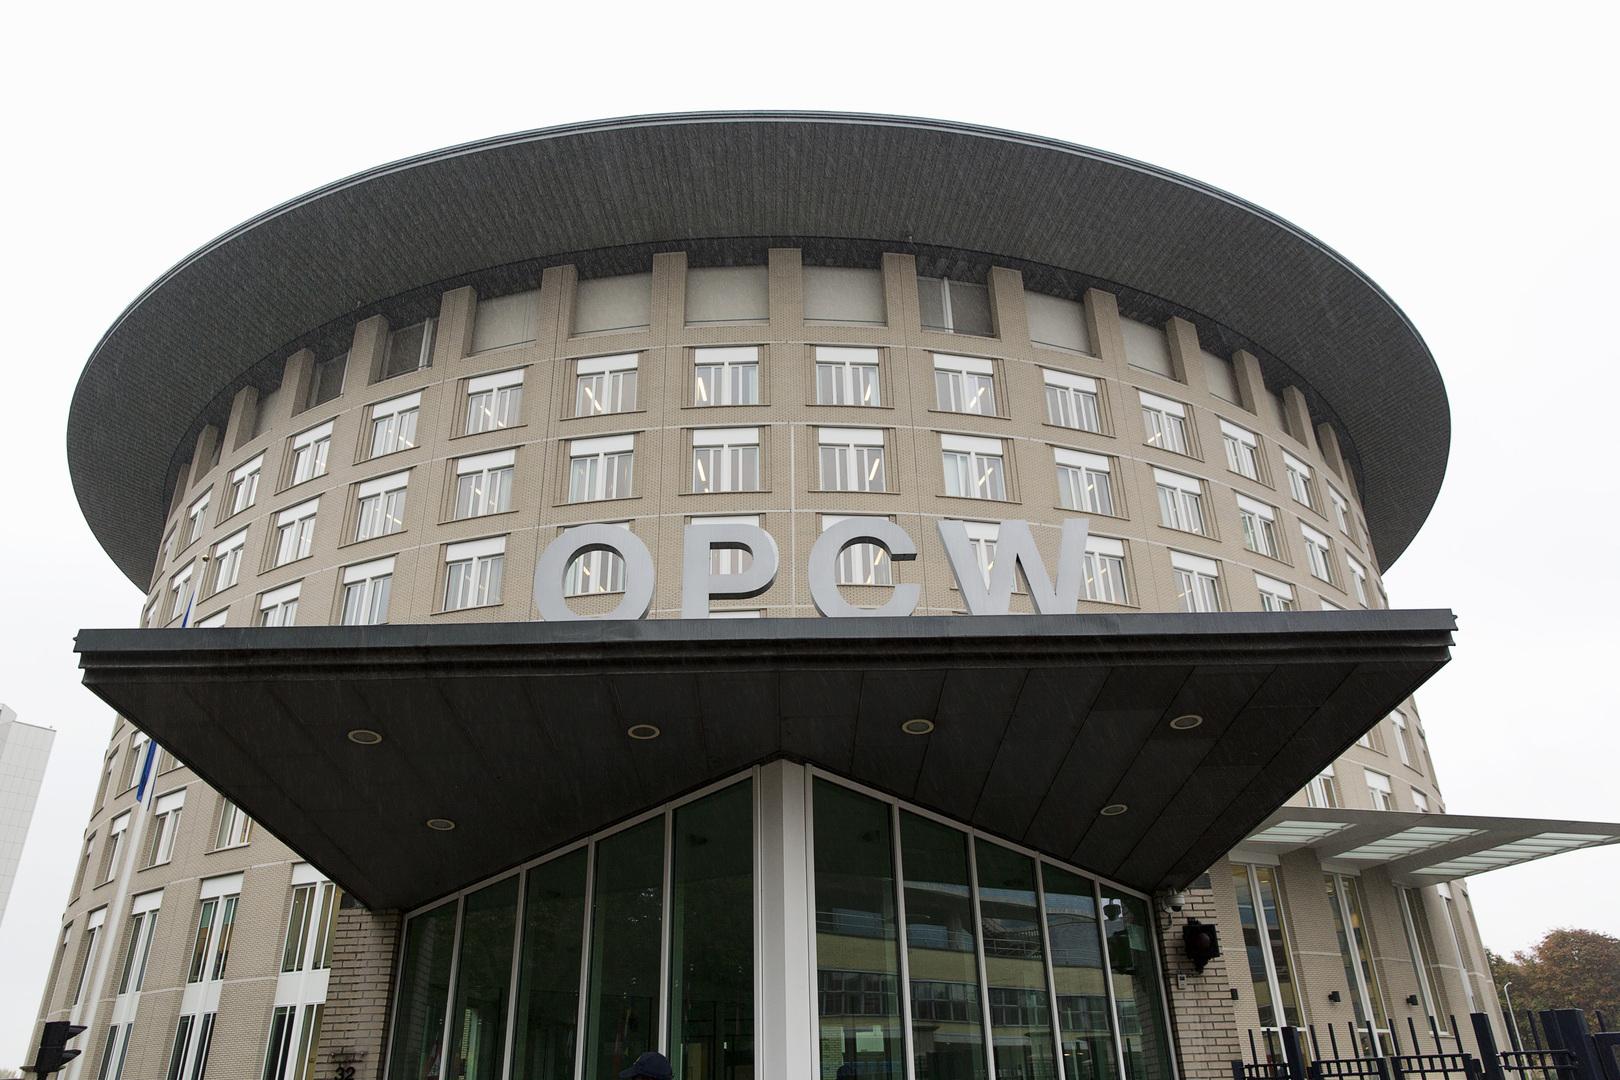 موسكو: نأمل بنشر المراسلات مع منظمة حظر الكيميائي حول قضية نافالني قريبا